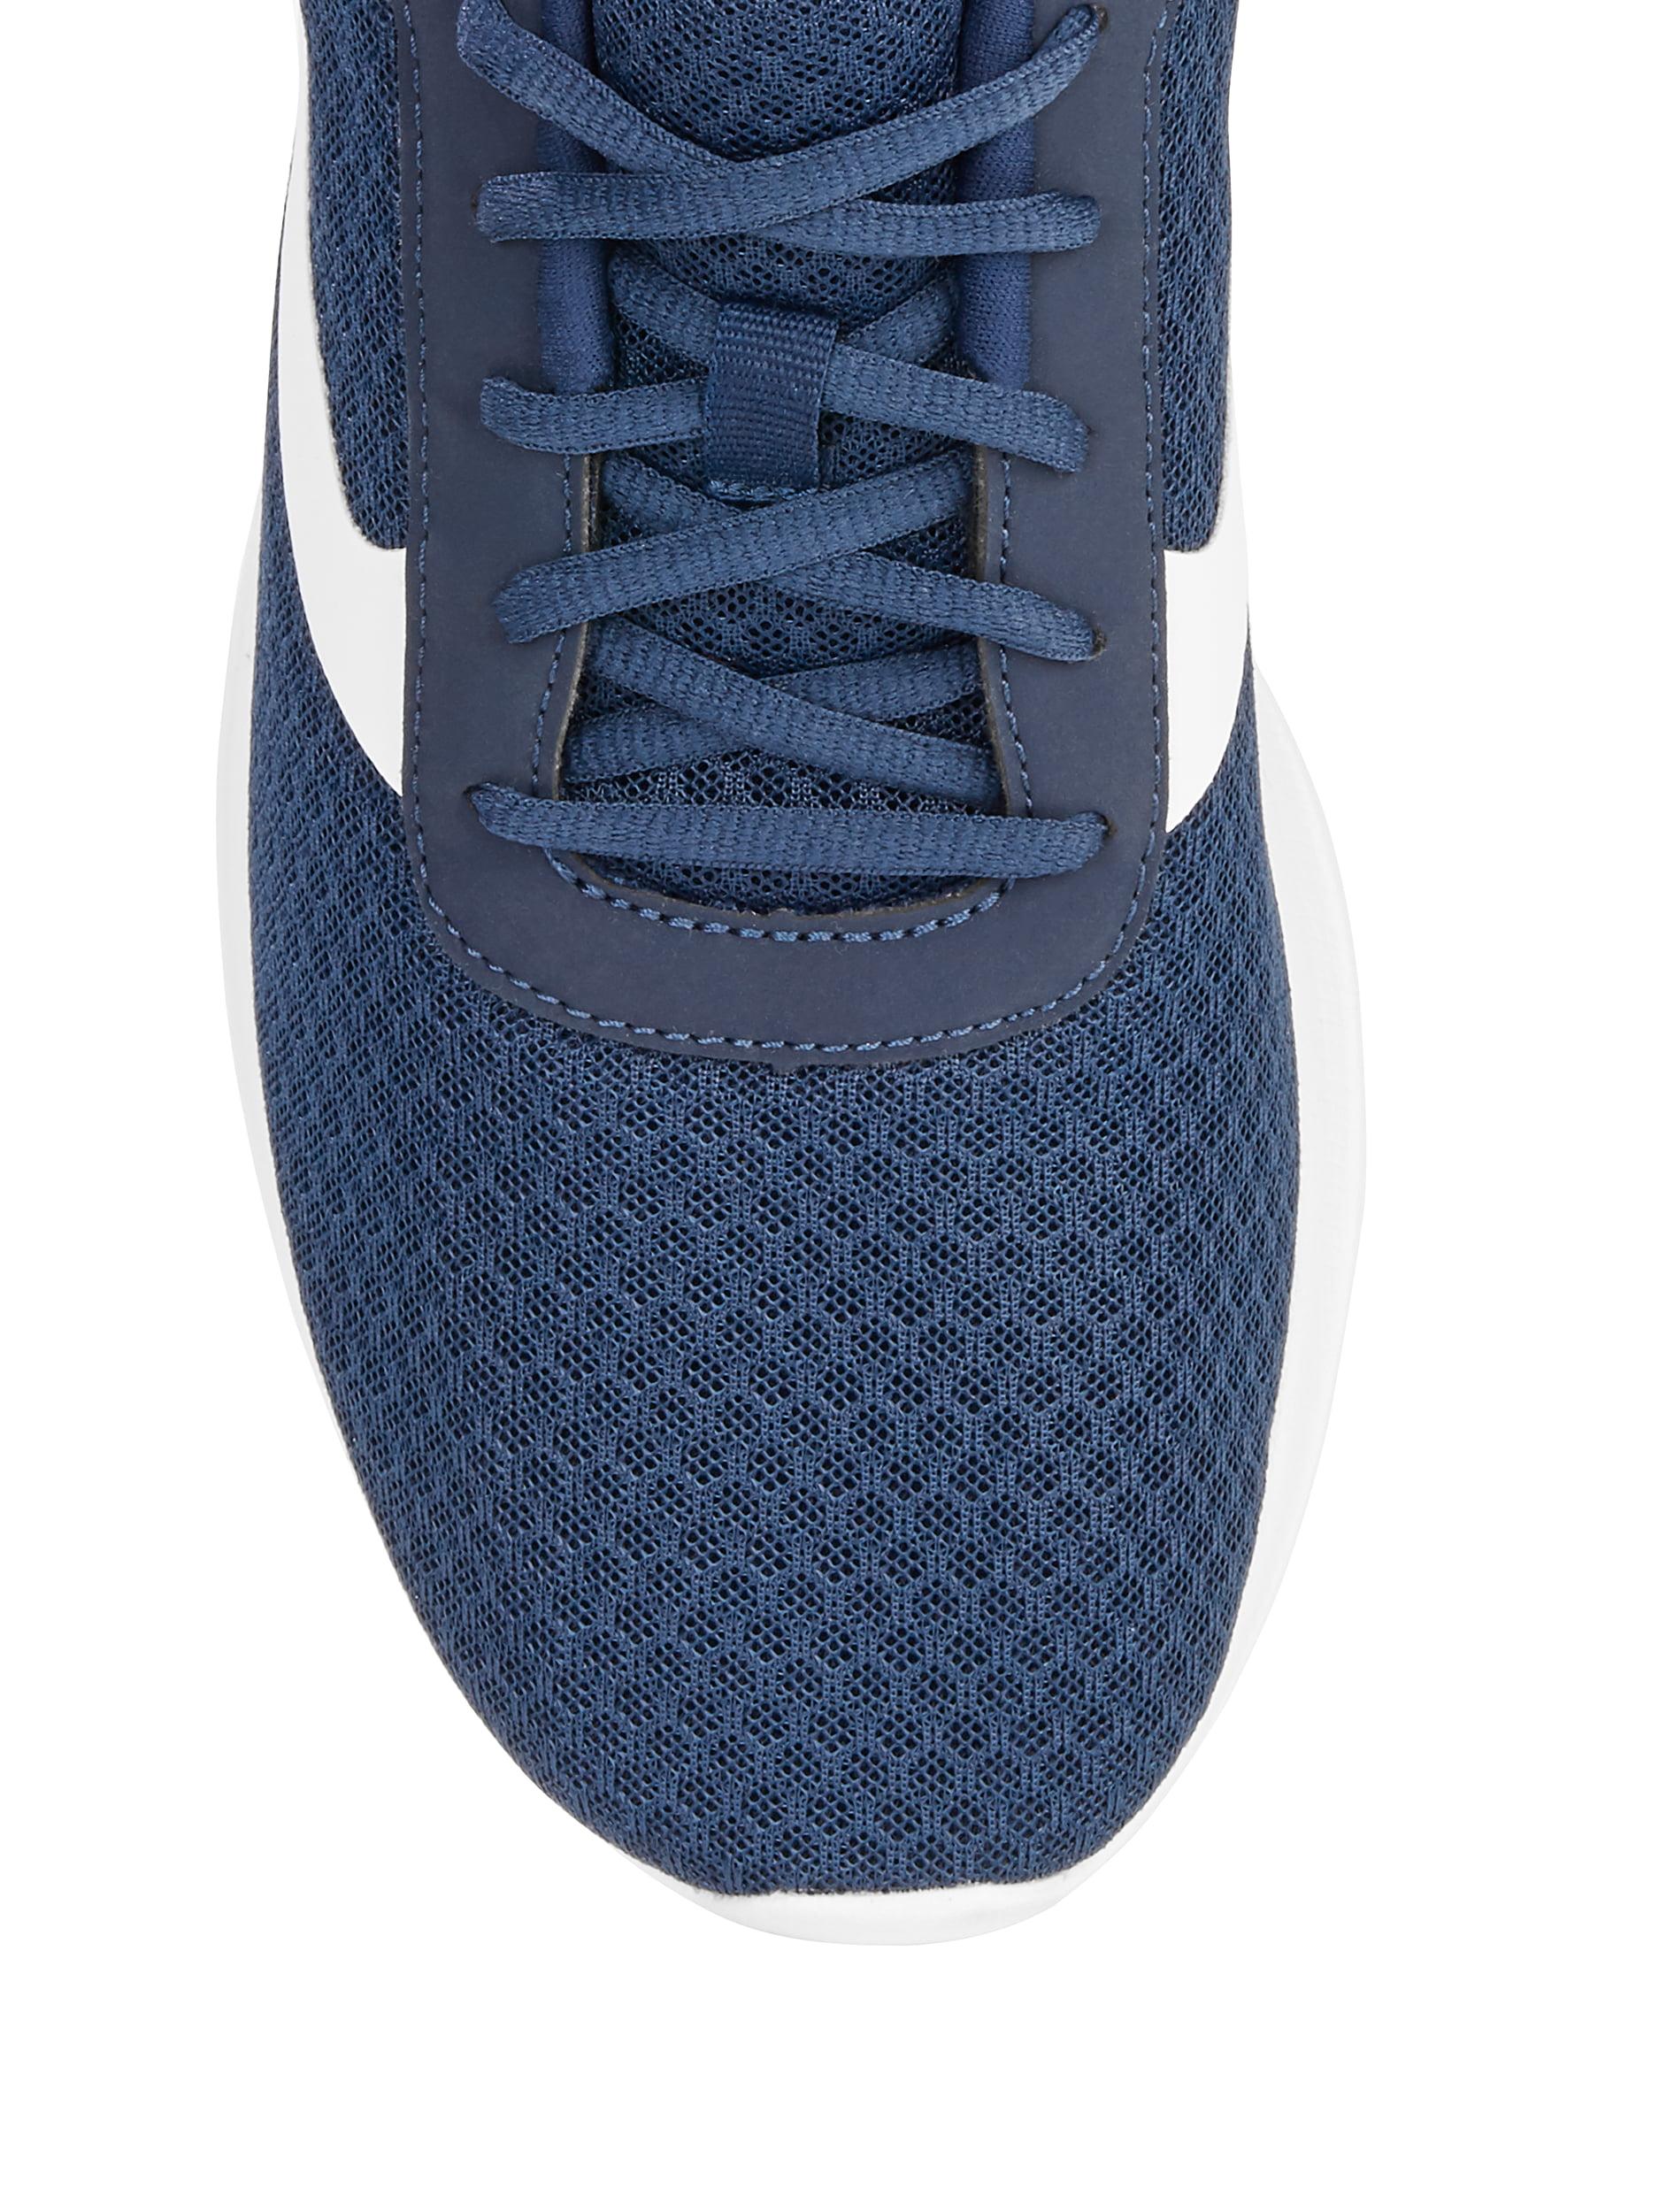 Basic Athletic Shoe